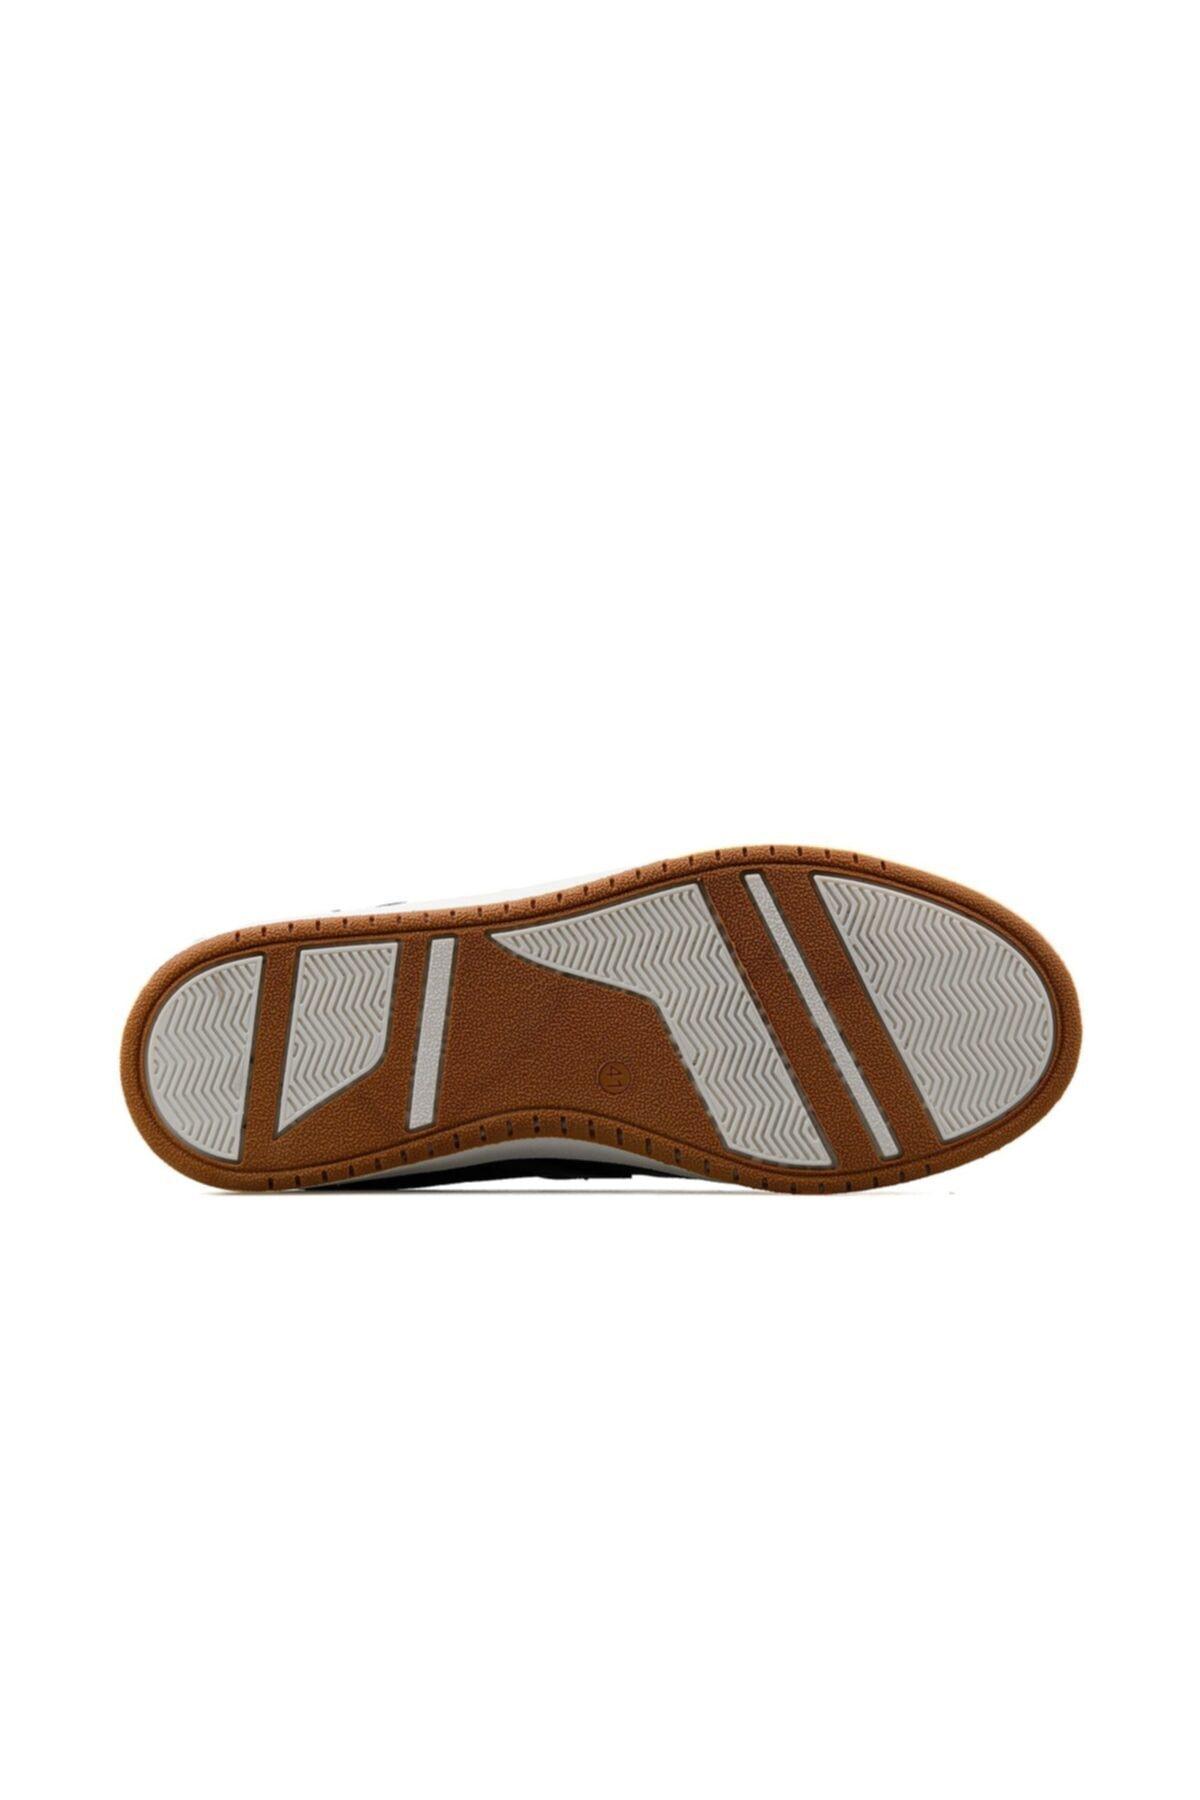 HUMMEL Bremen 207889 7459 Erkek Günlük Ayakkabı Lacivert